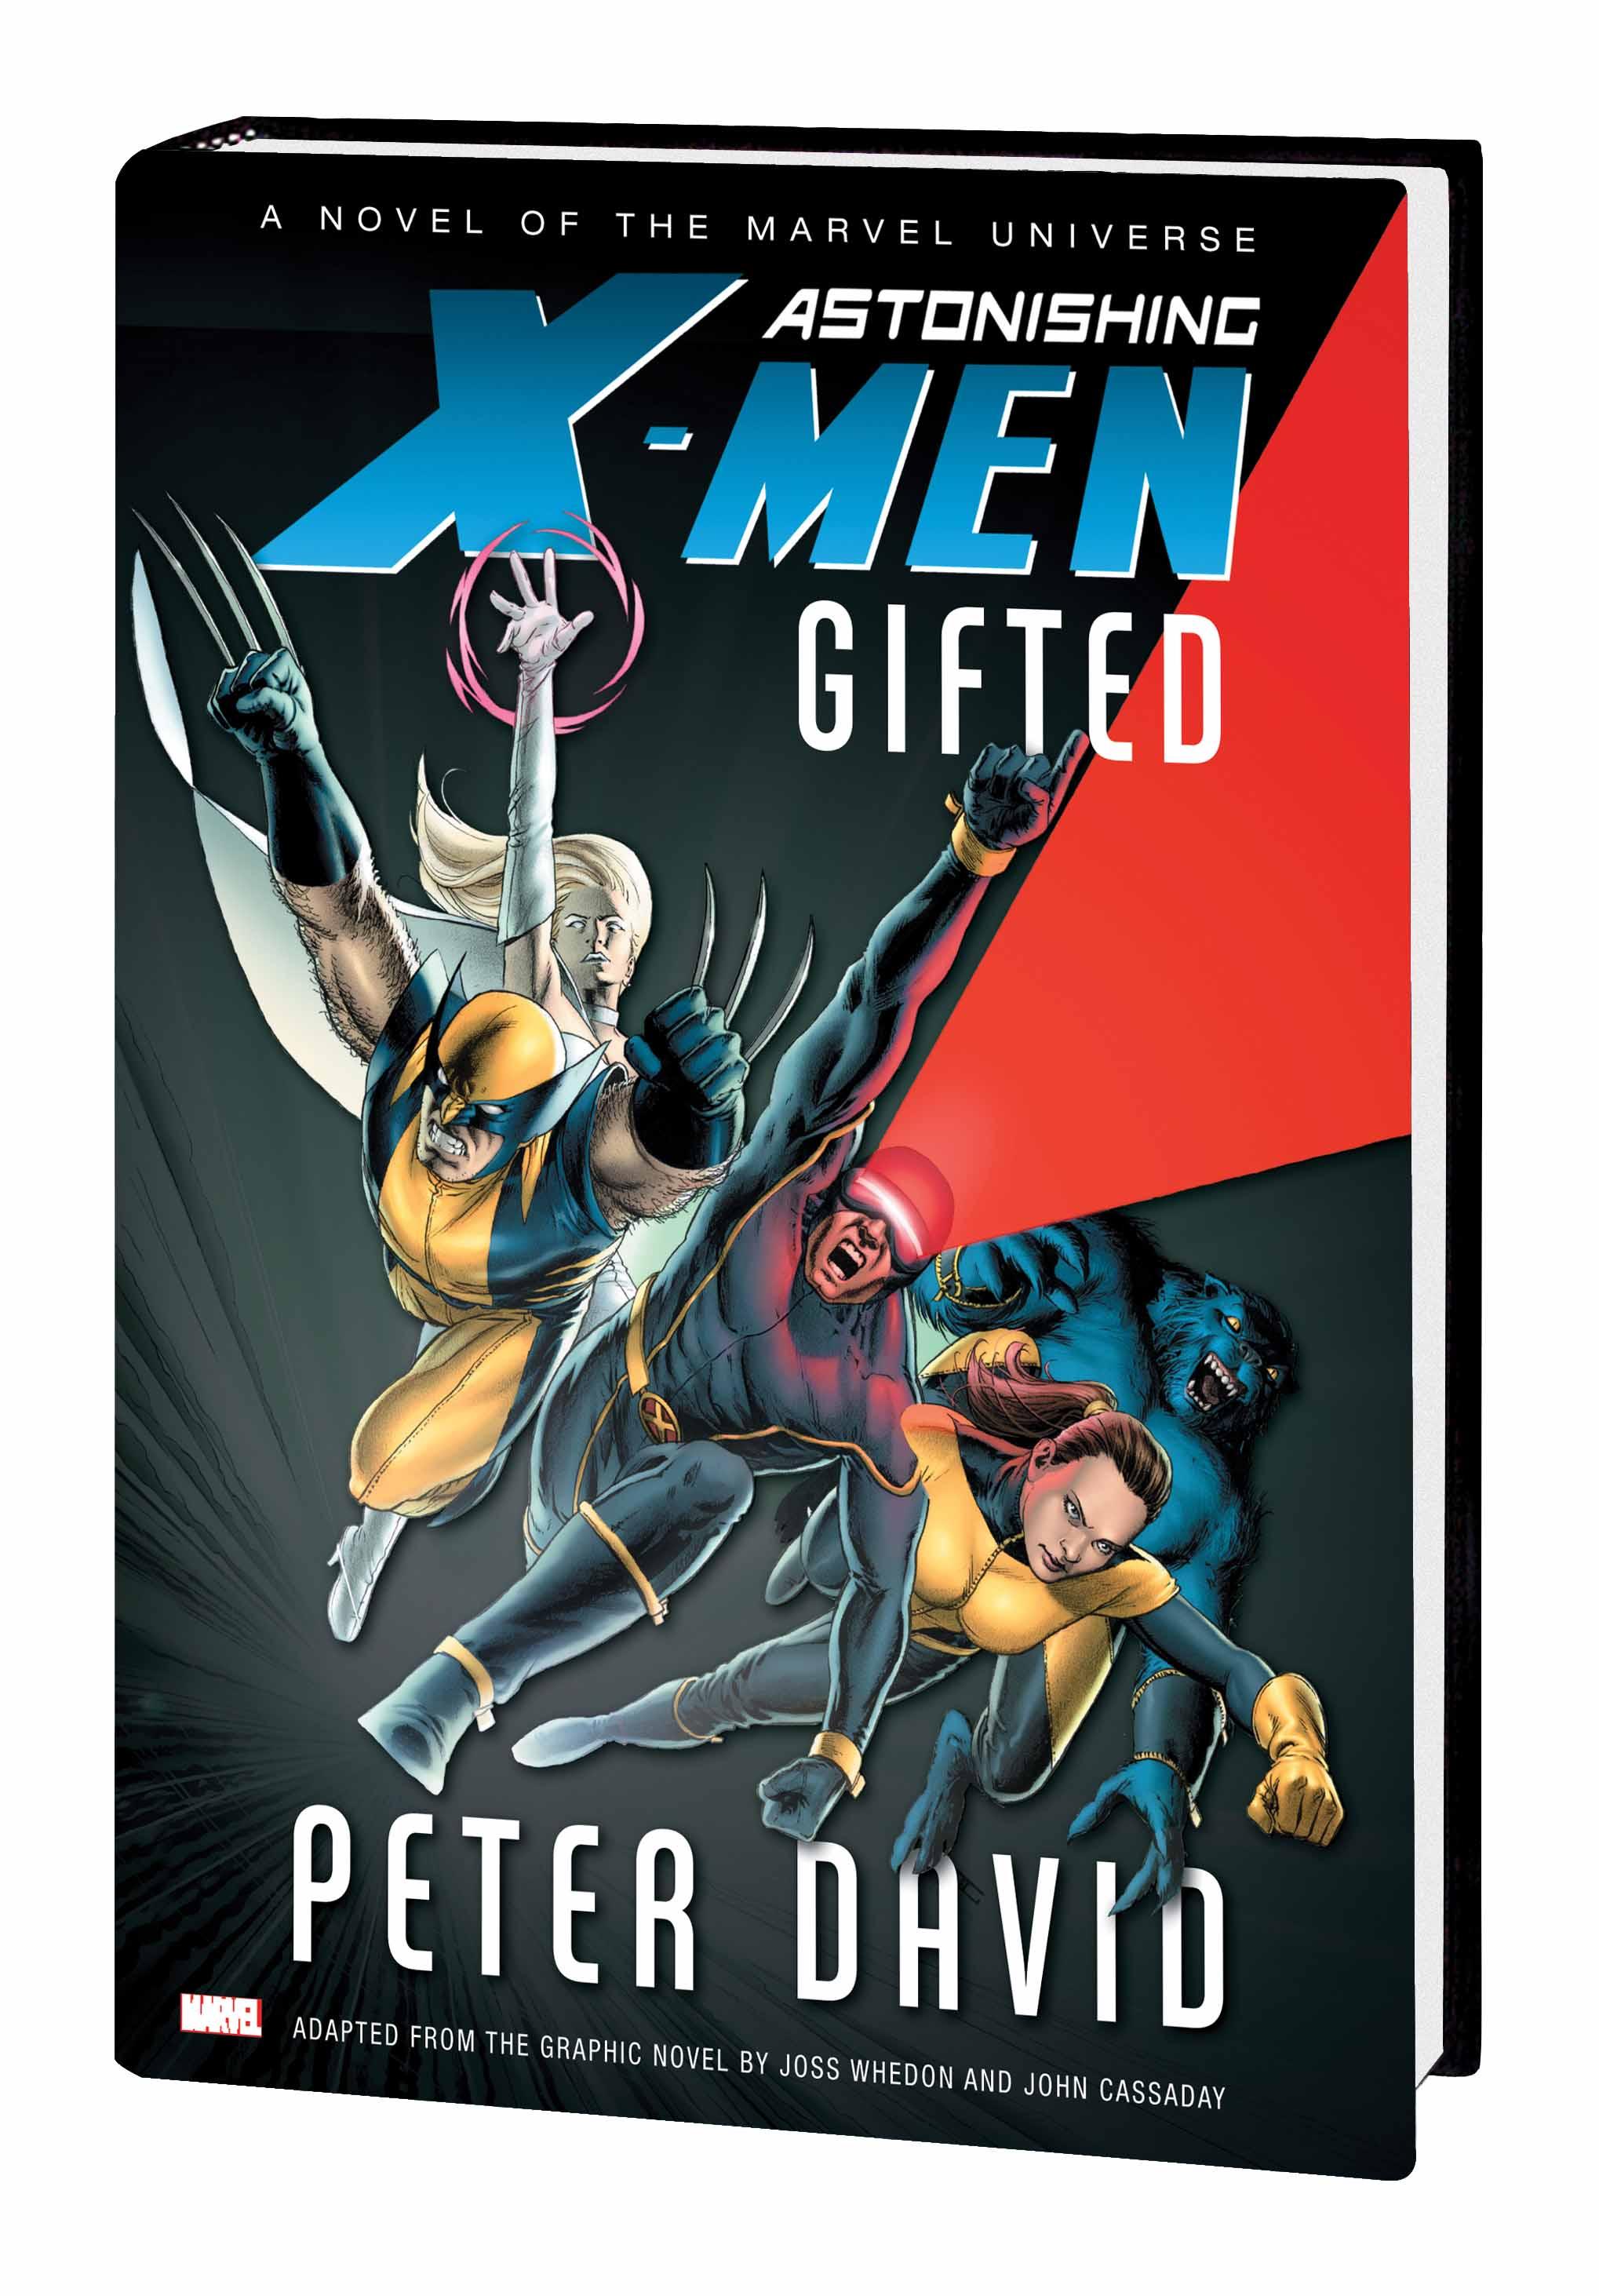 astonishing x-men gifted episode 1